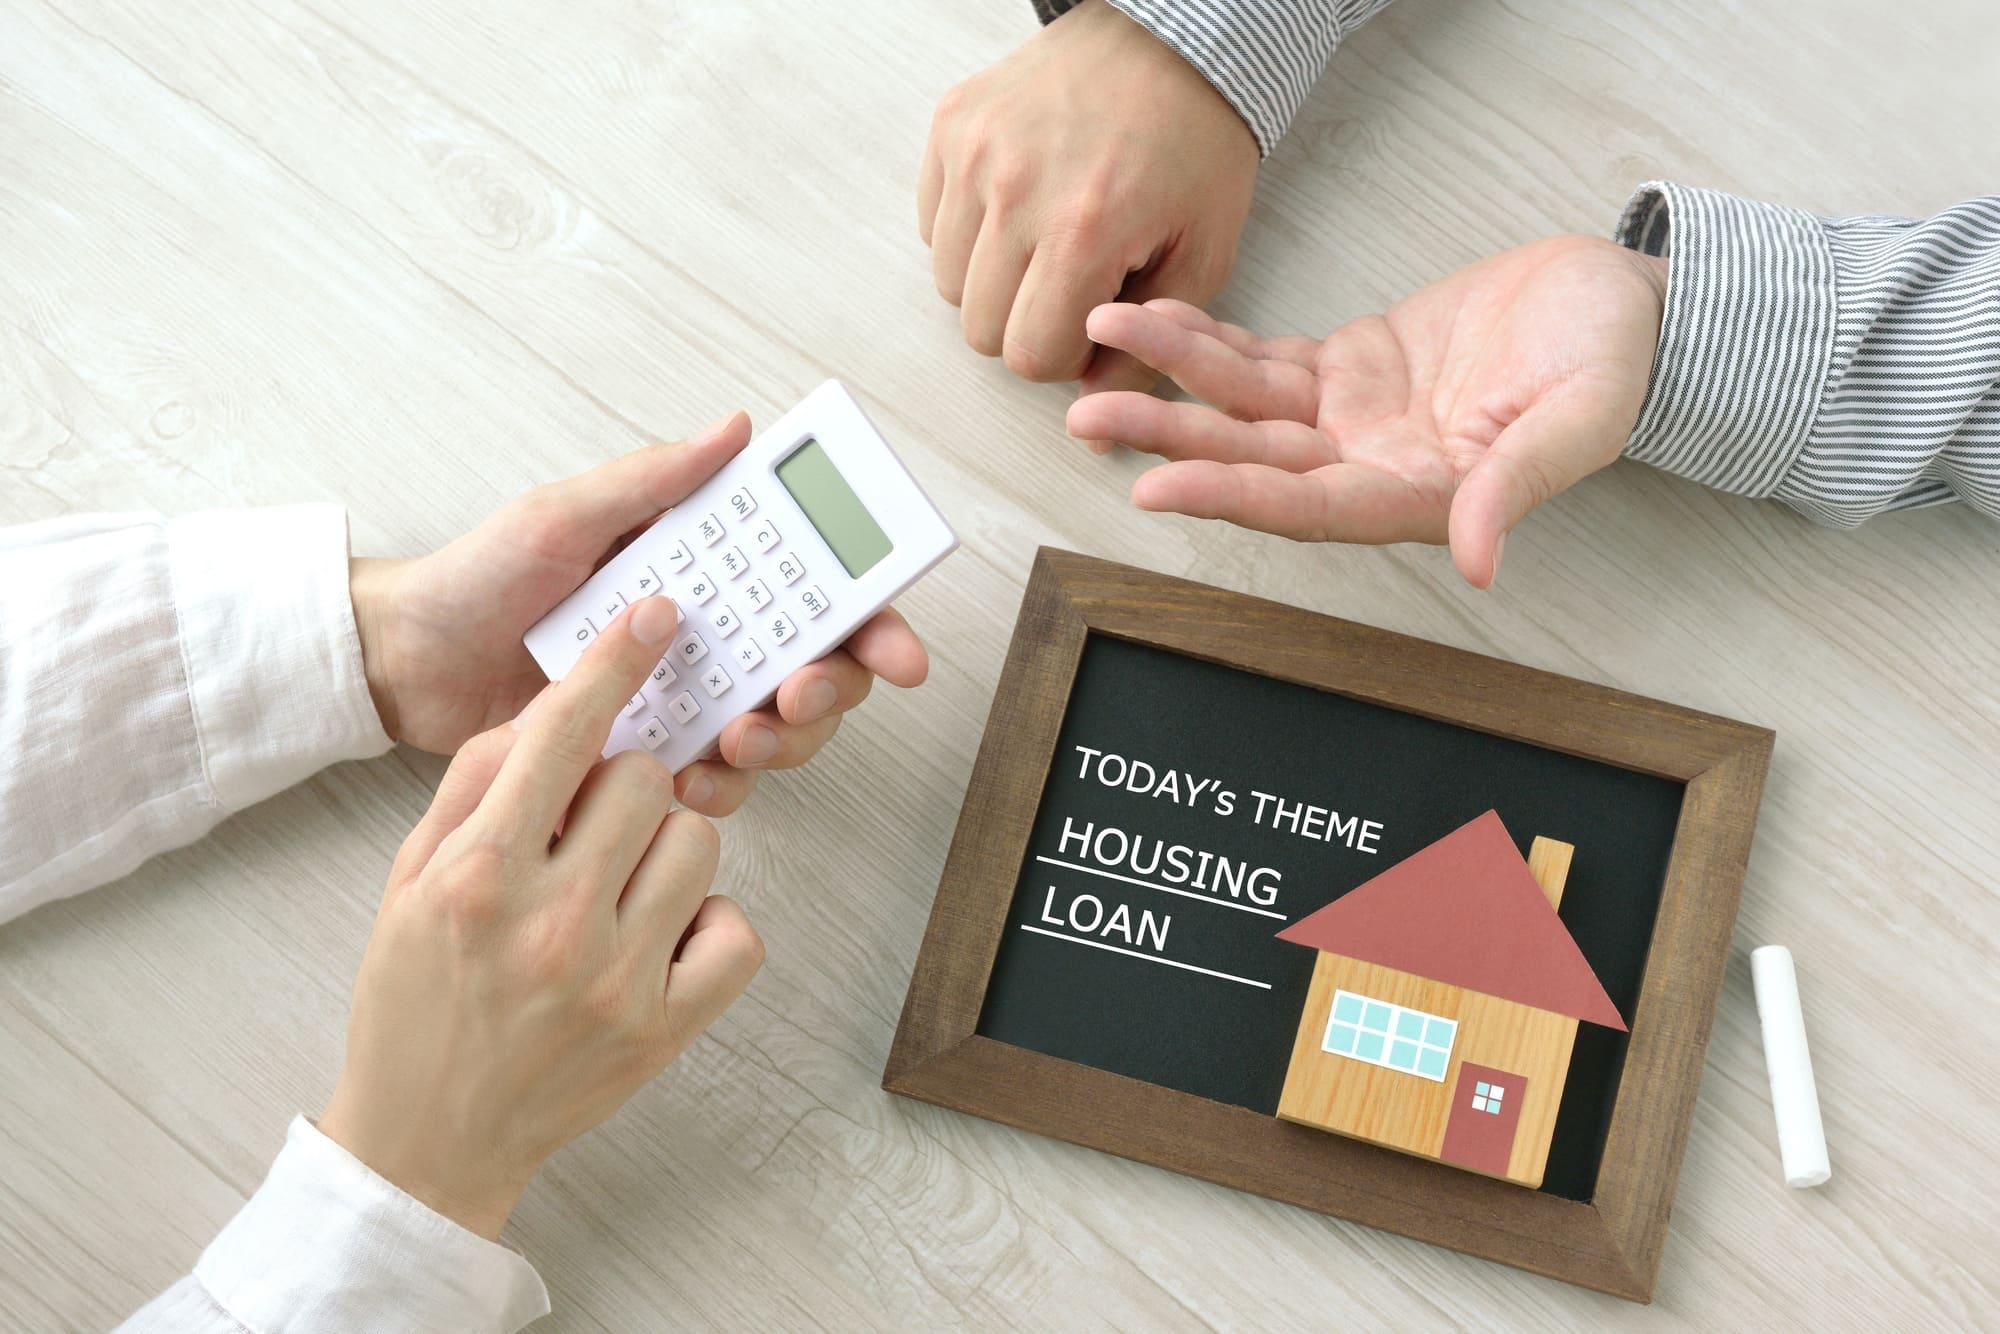 住宅ローン返済額の計算方法は?借入額別のシミュレーション付き